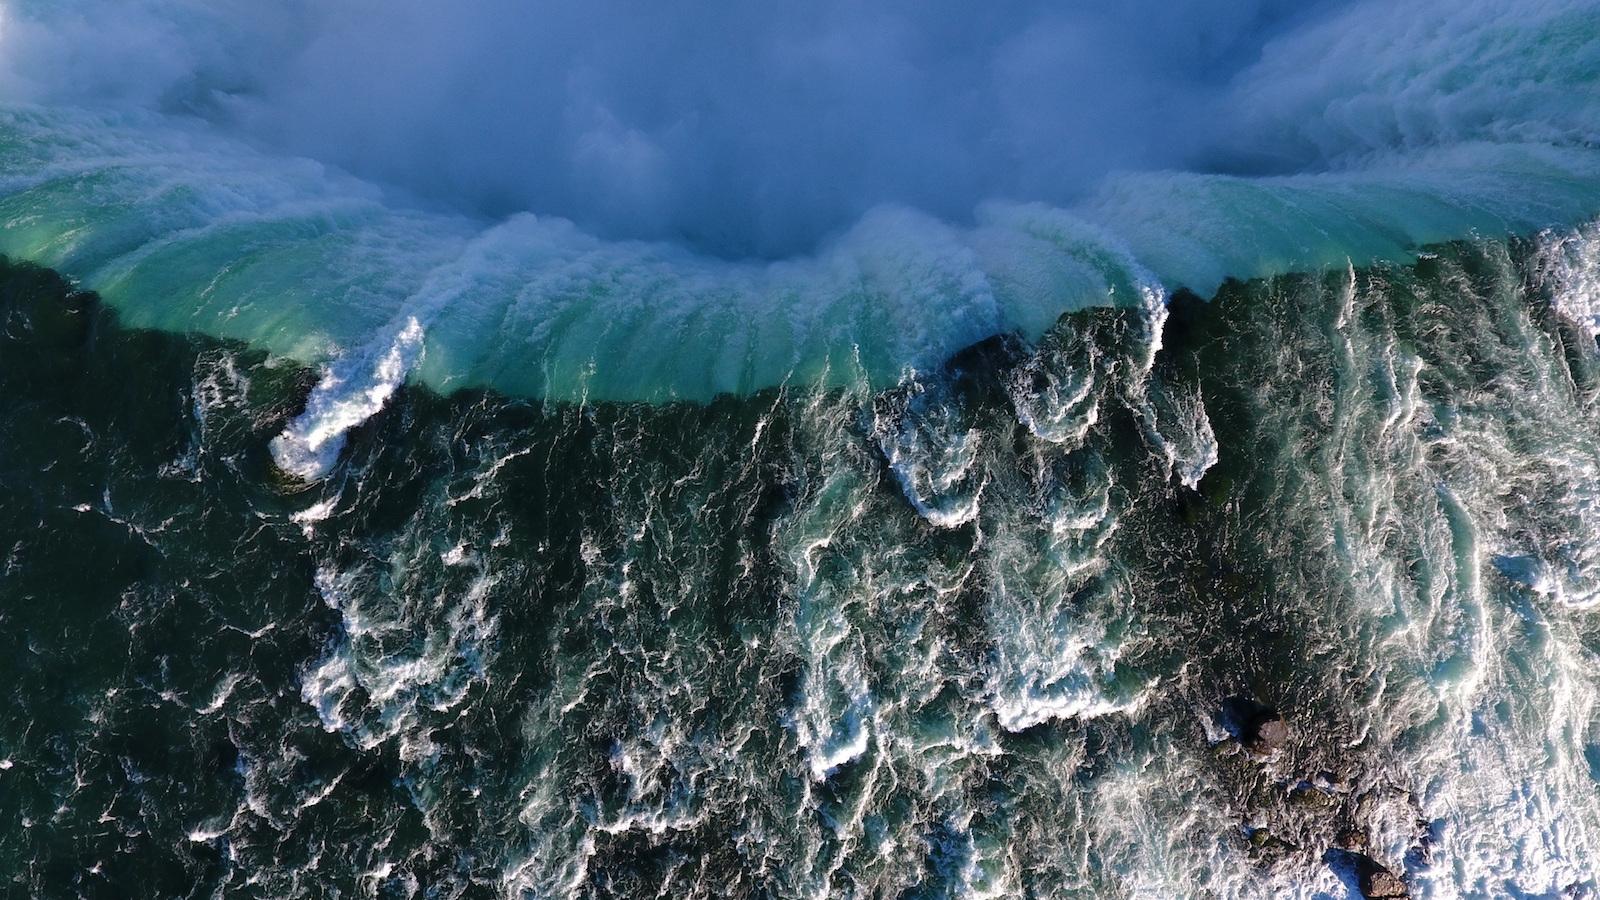 En iyi 19 drone fotoğrafı 6